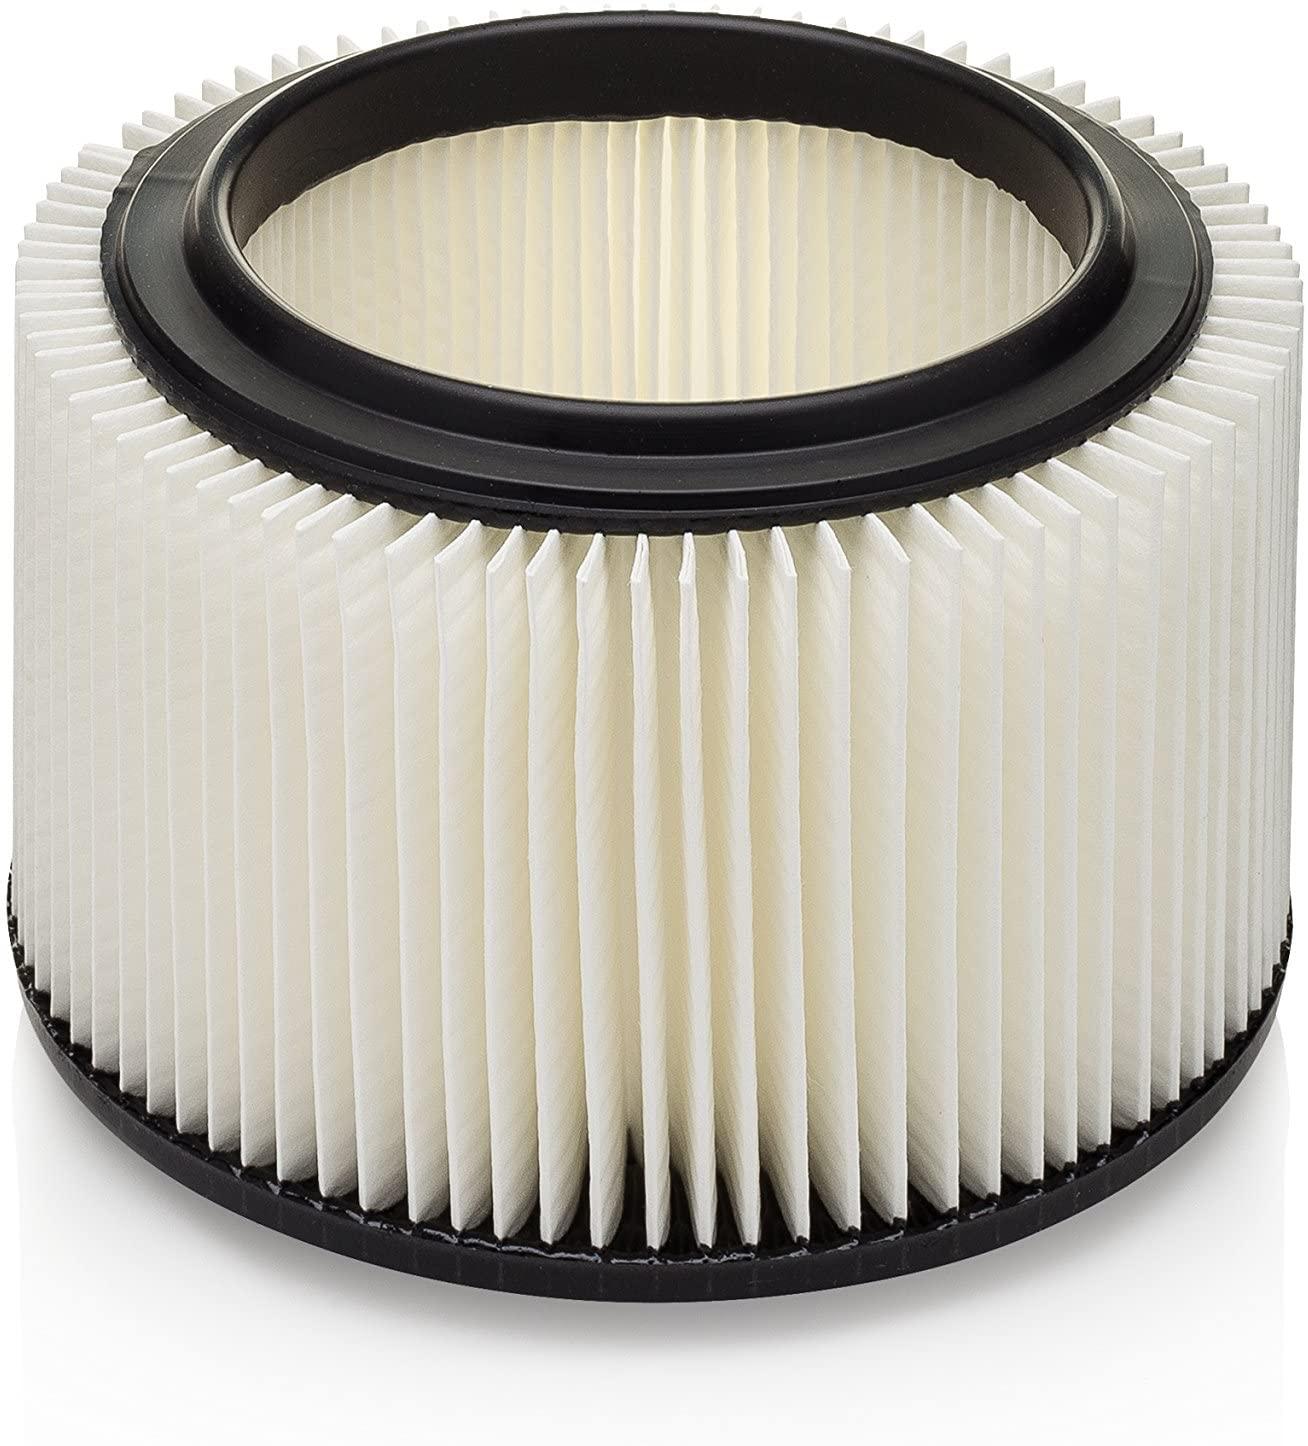 Kopach Replacement Filter for Vacmaster Shop Vacs, Part # VFCF, 1 Pack, Original Kopach Filter